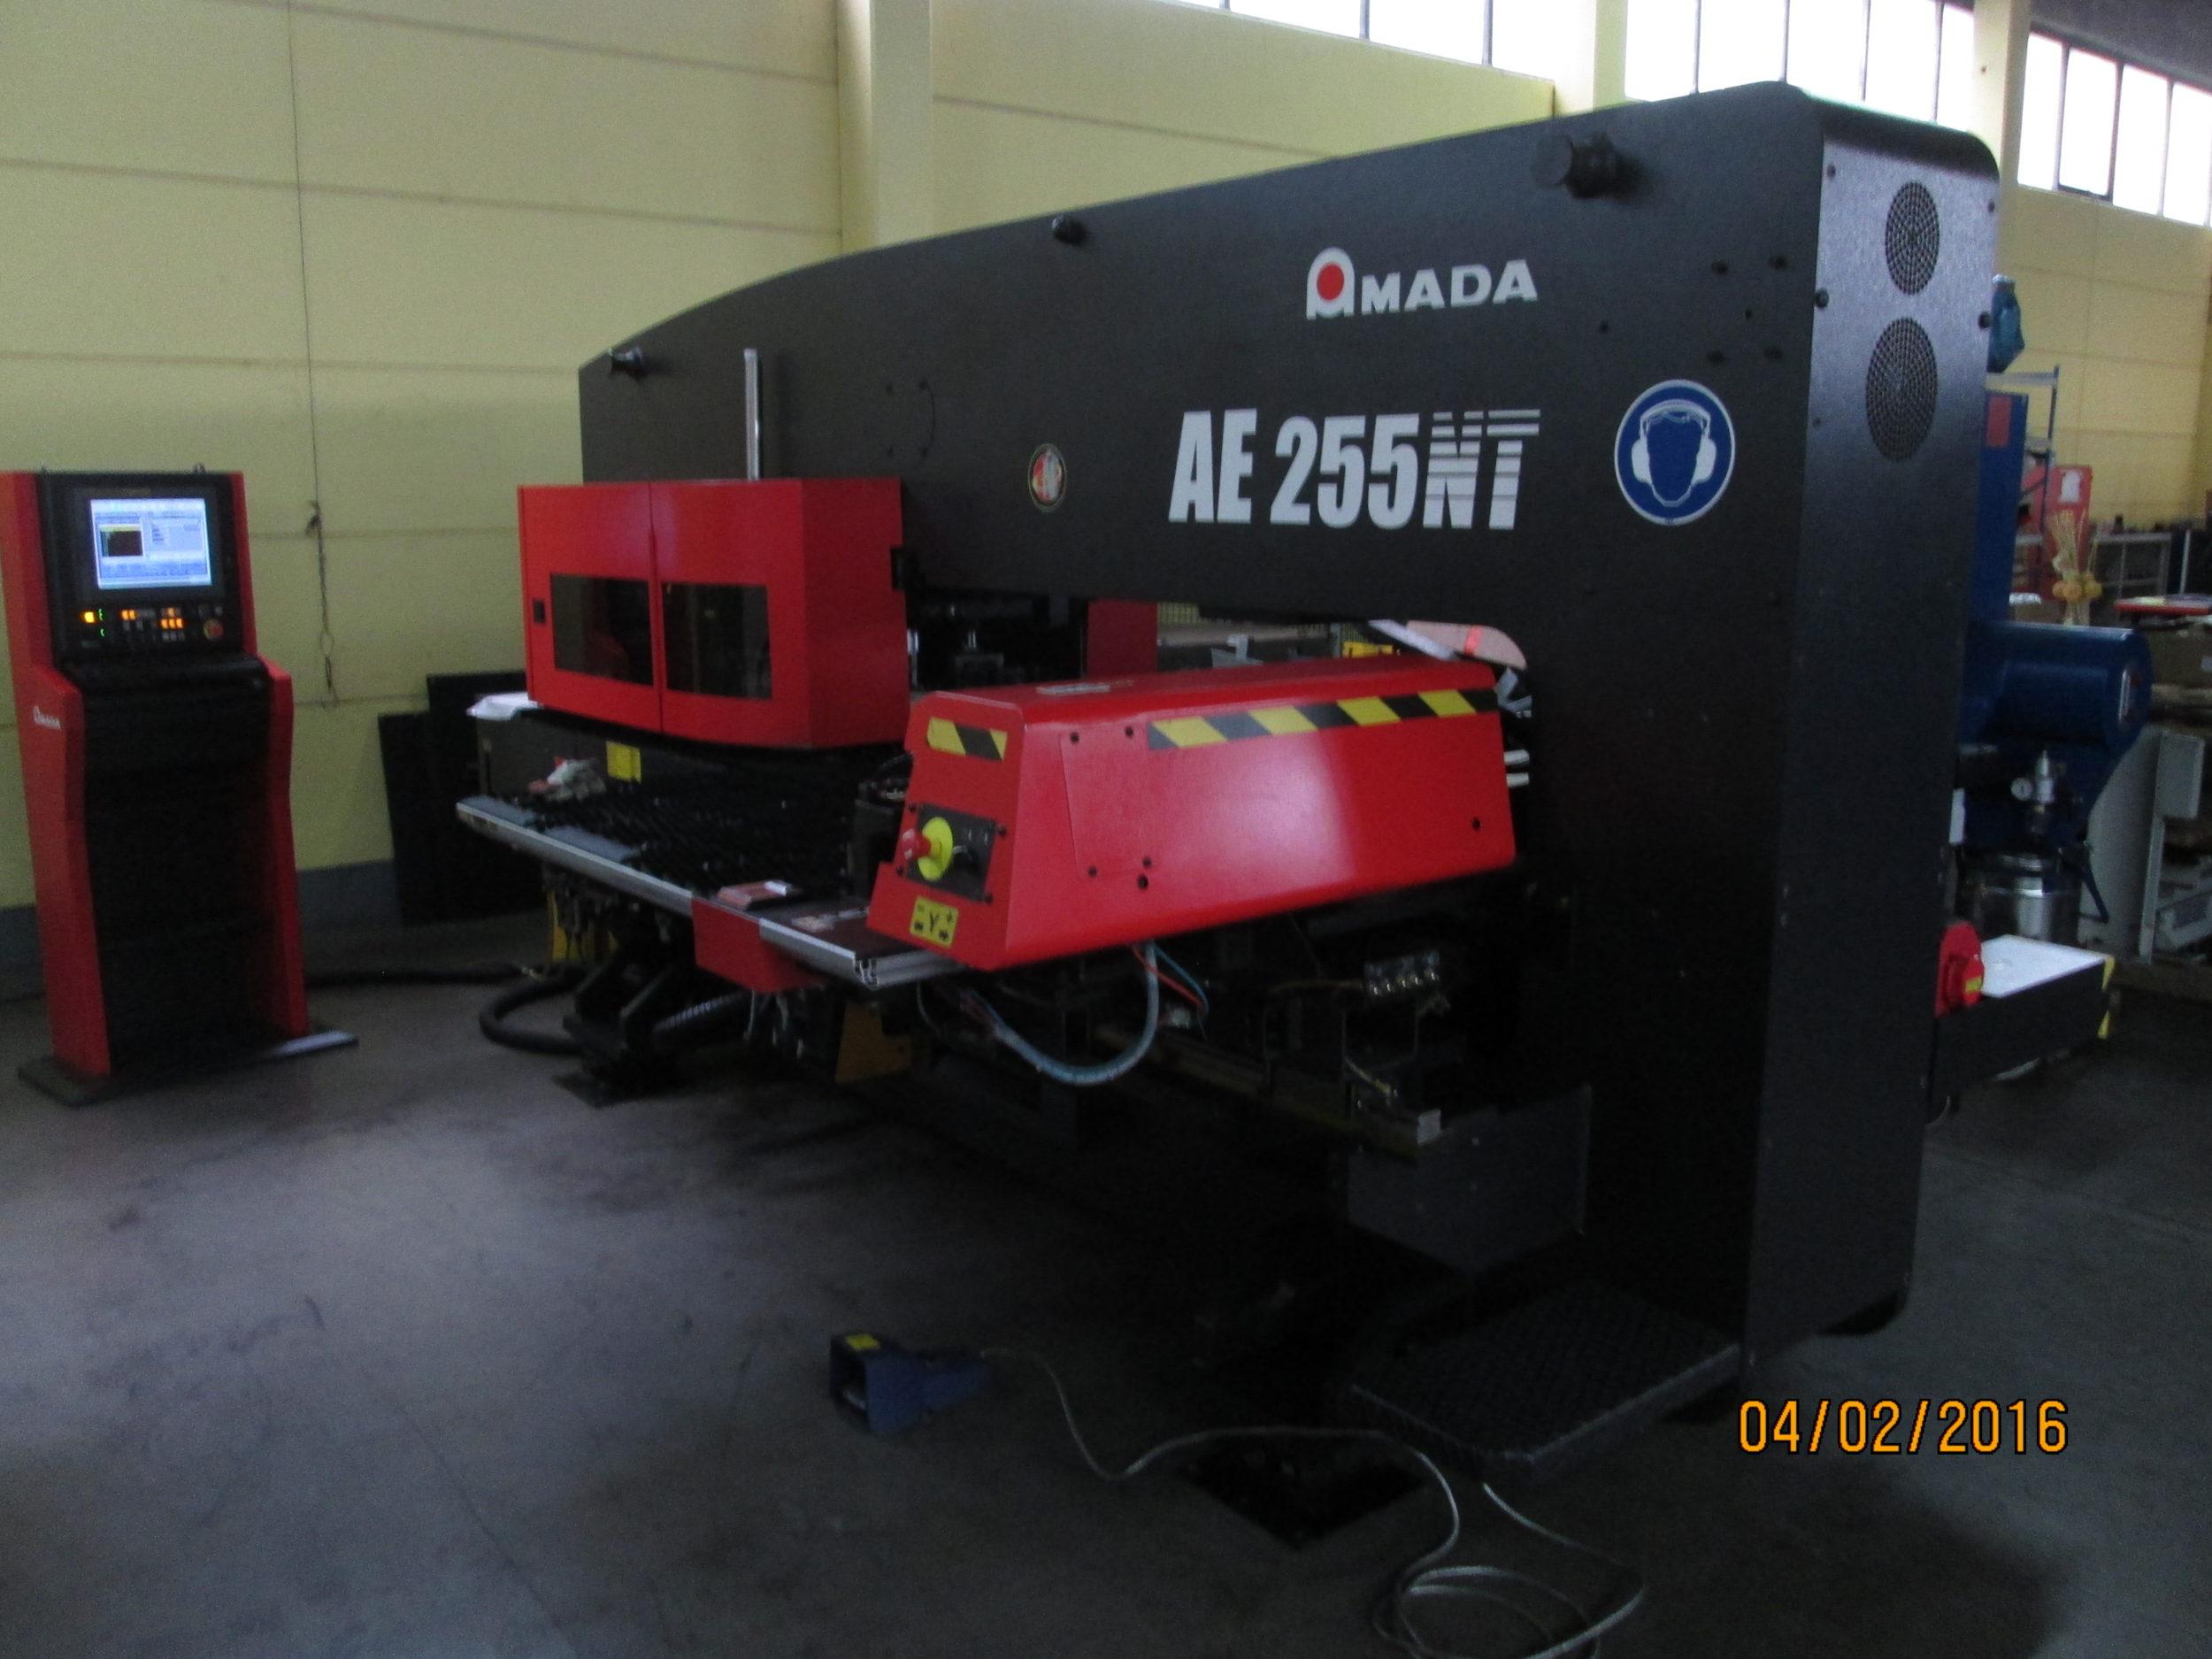 AE 255 NT 2011 1 scaled - Amada AE 255 NT 2011